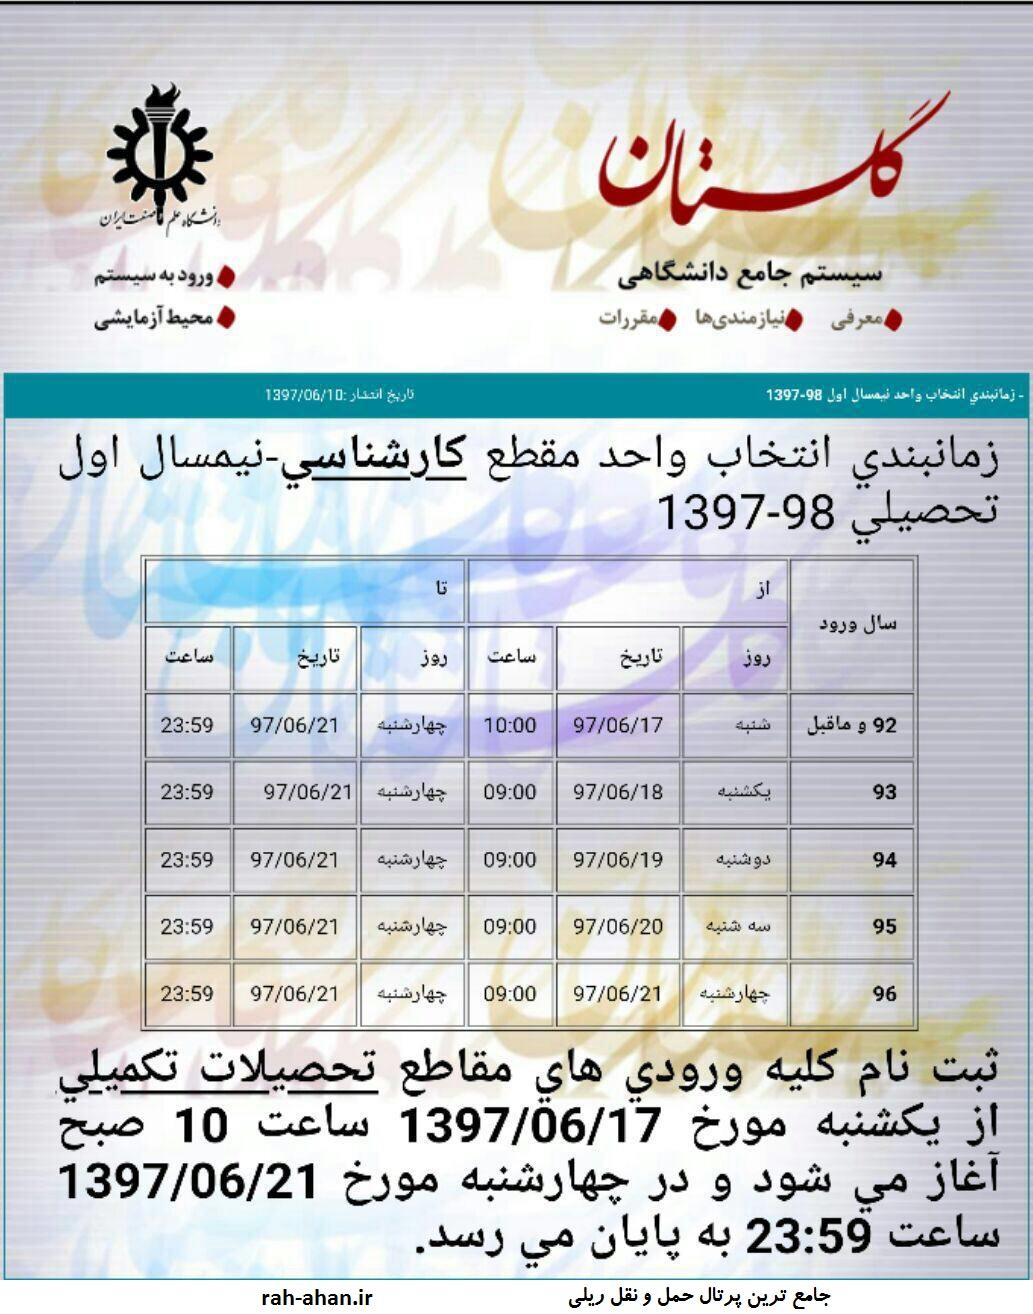 زمانبندی انتخاب واحد نیمسال اول ۹۷-۹۸ دانشگاه علم و صنعت ایران